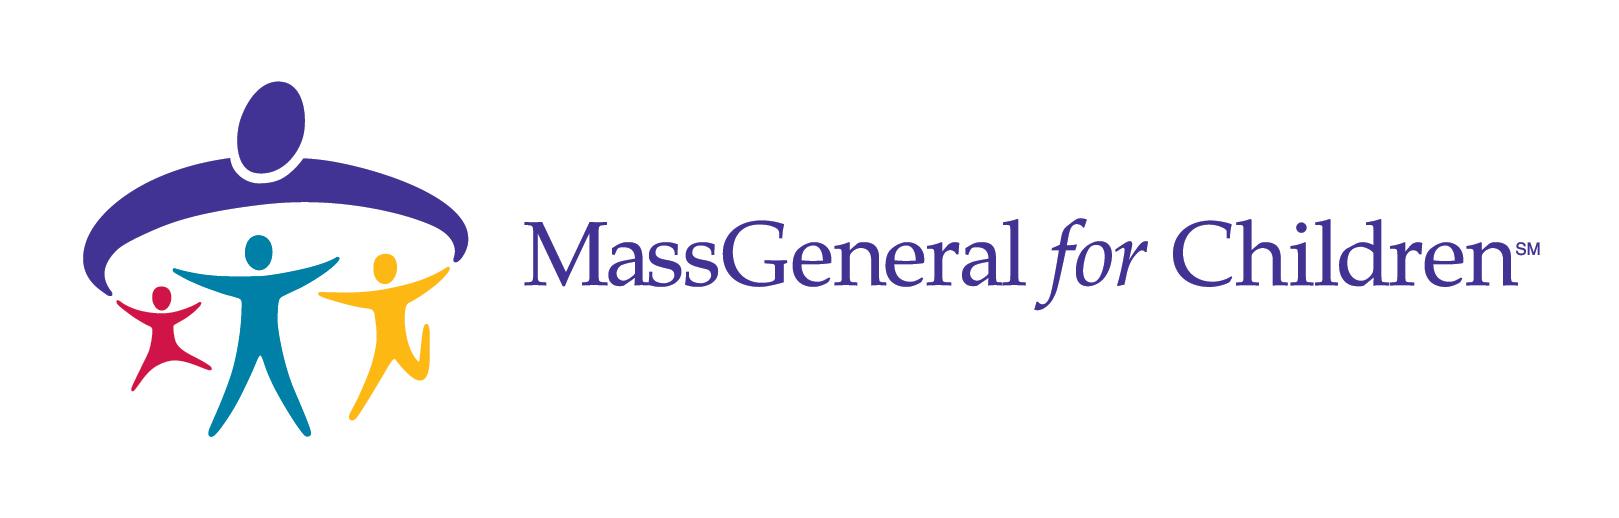 MassGeneral for Children Logo